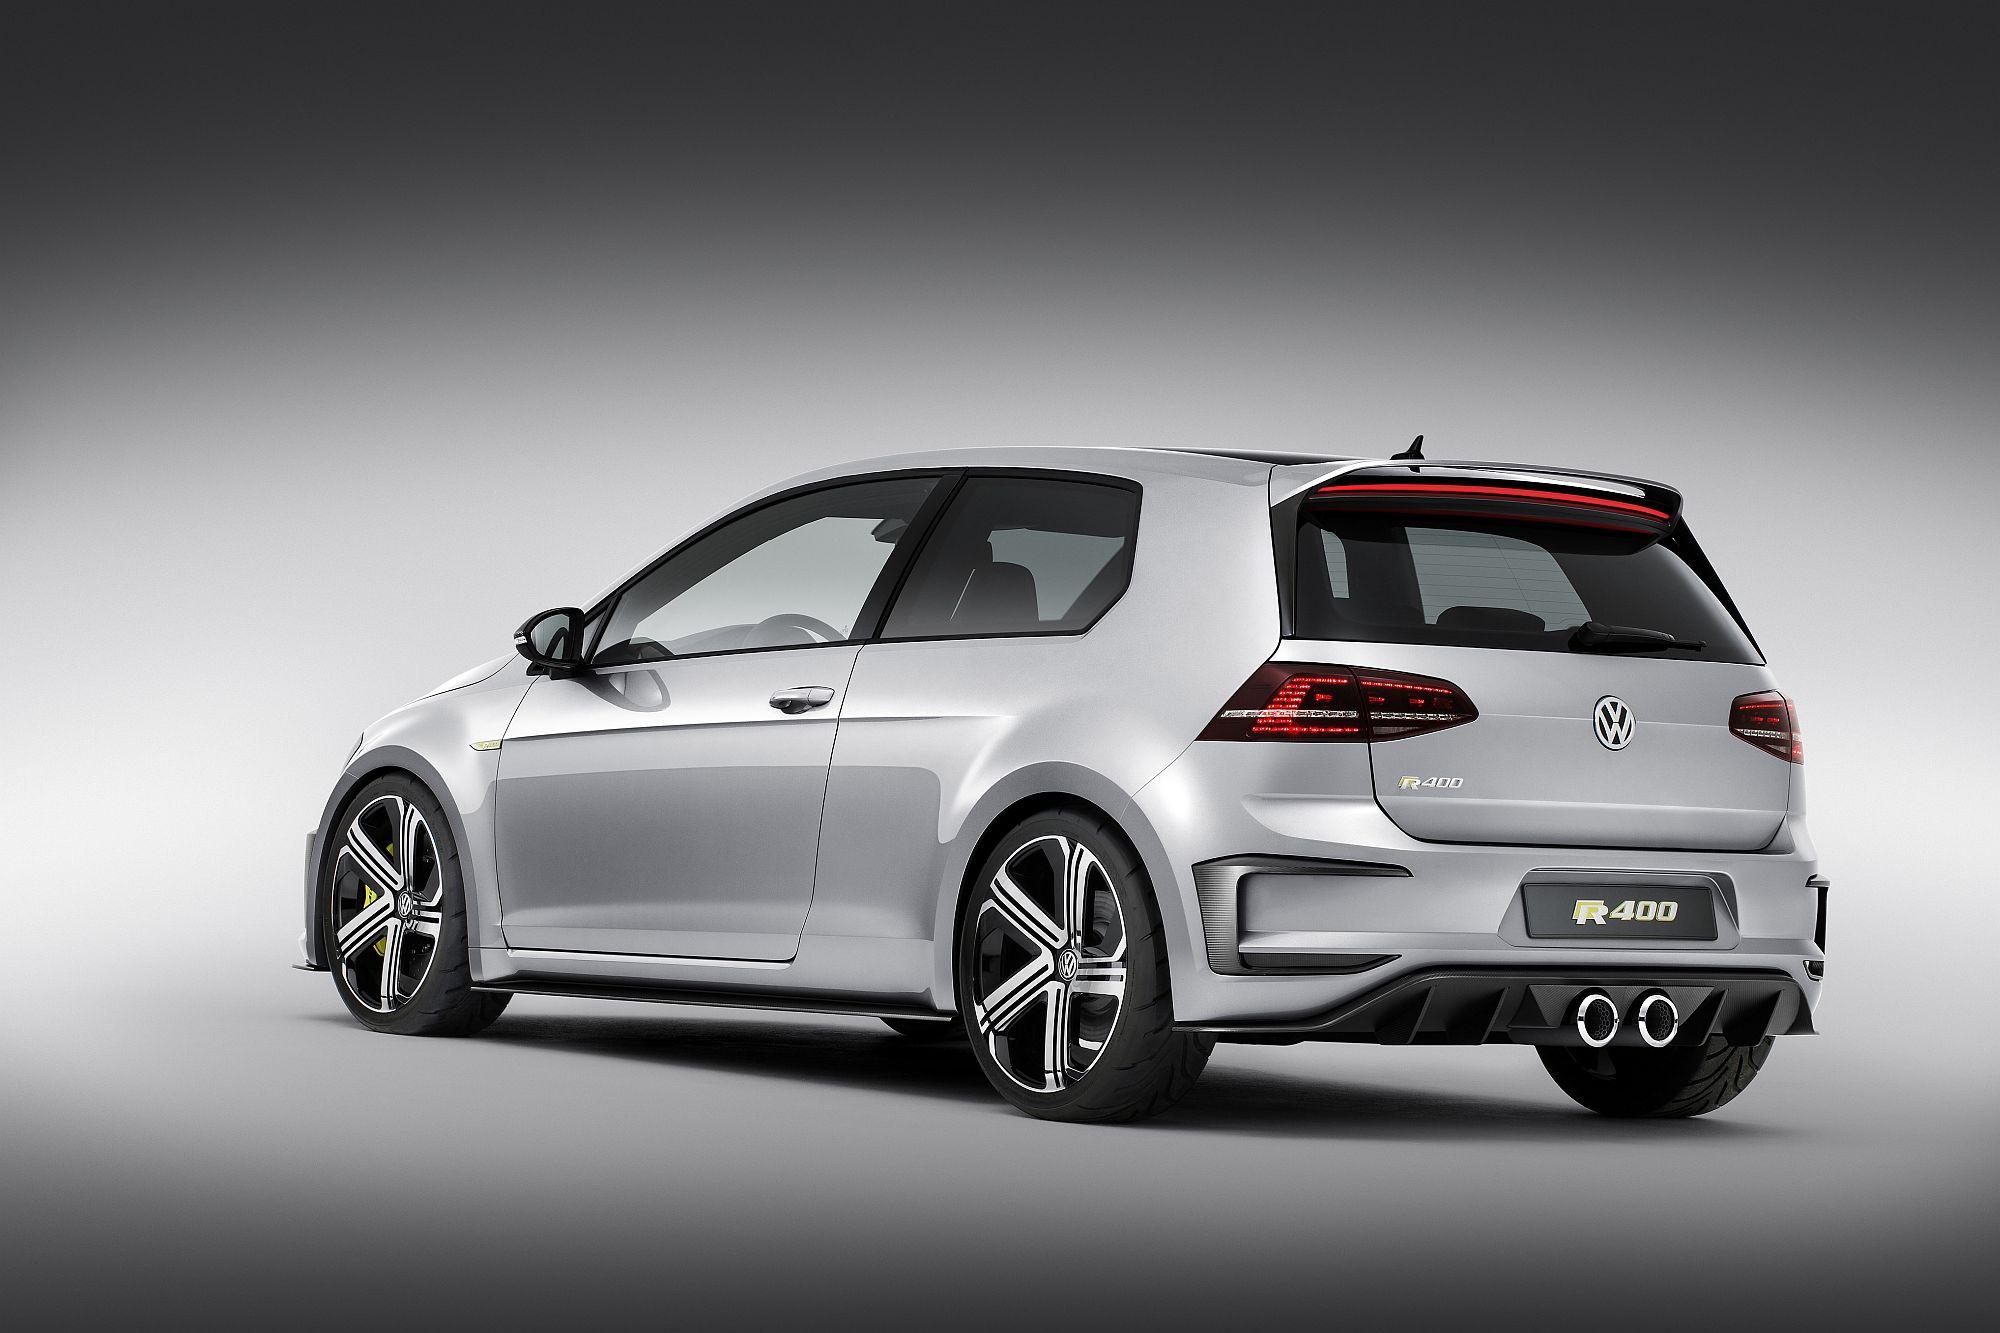 VW Golf R 420 Heck Scheinwerfer Auspuff Felgen